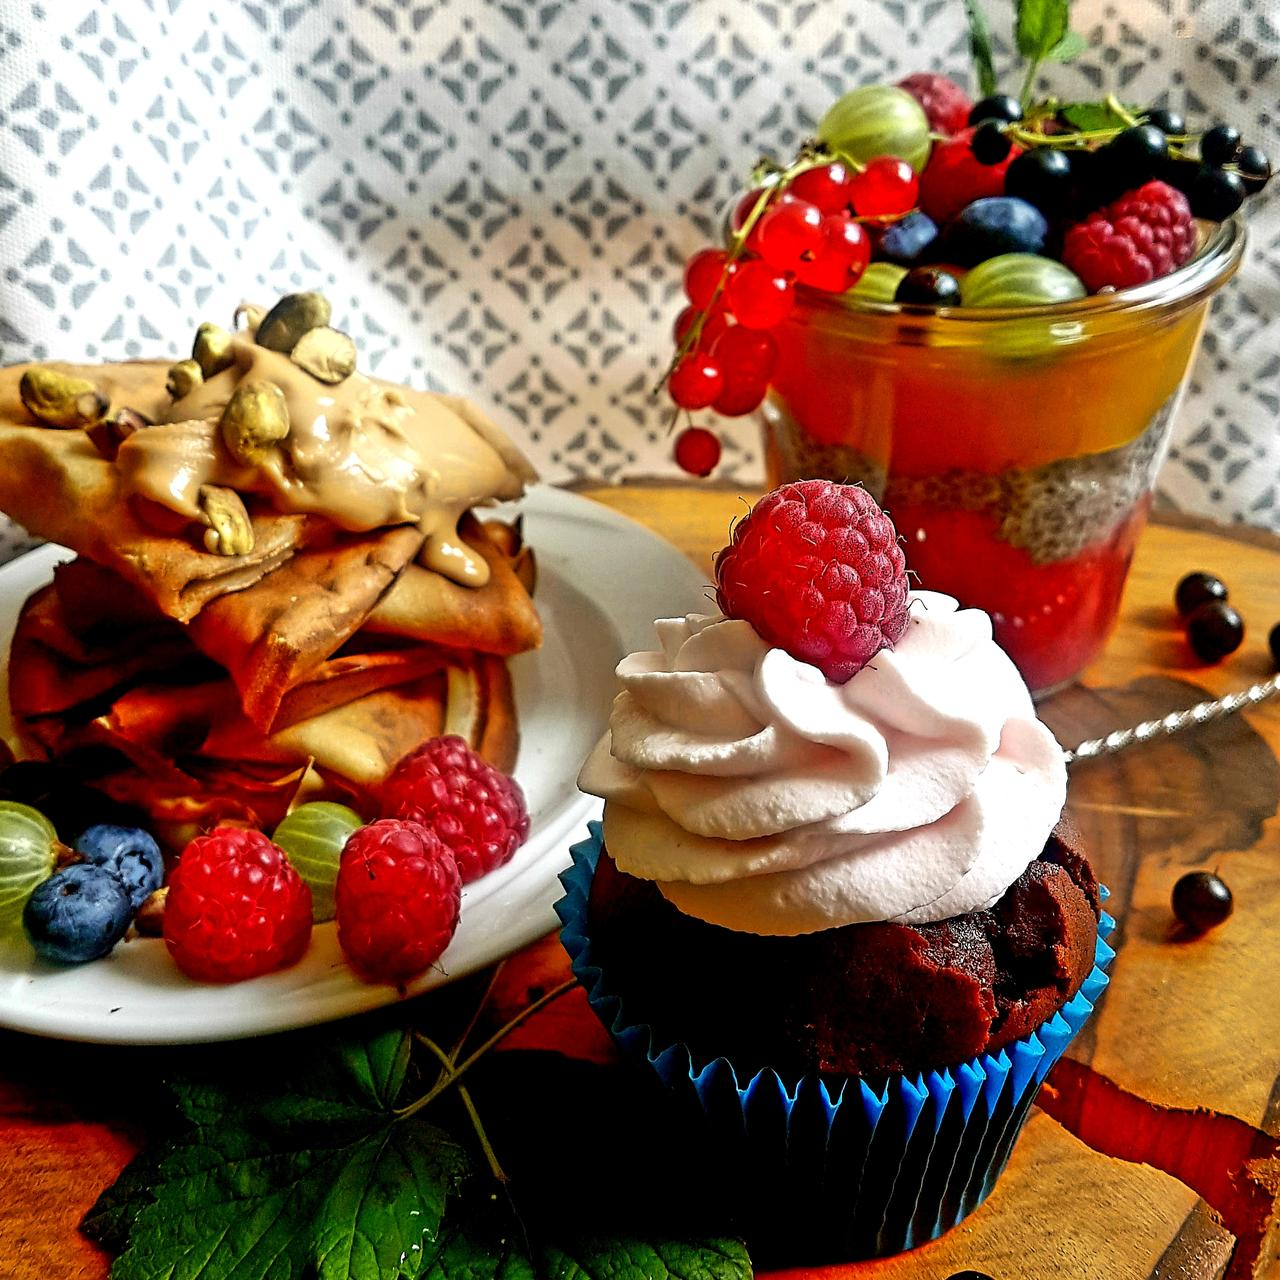 nalesniki deser chia owoce i babeczka czekoladowa